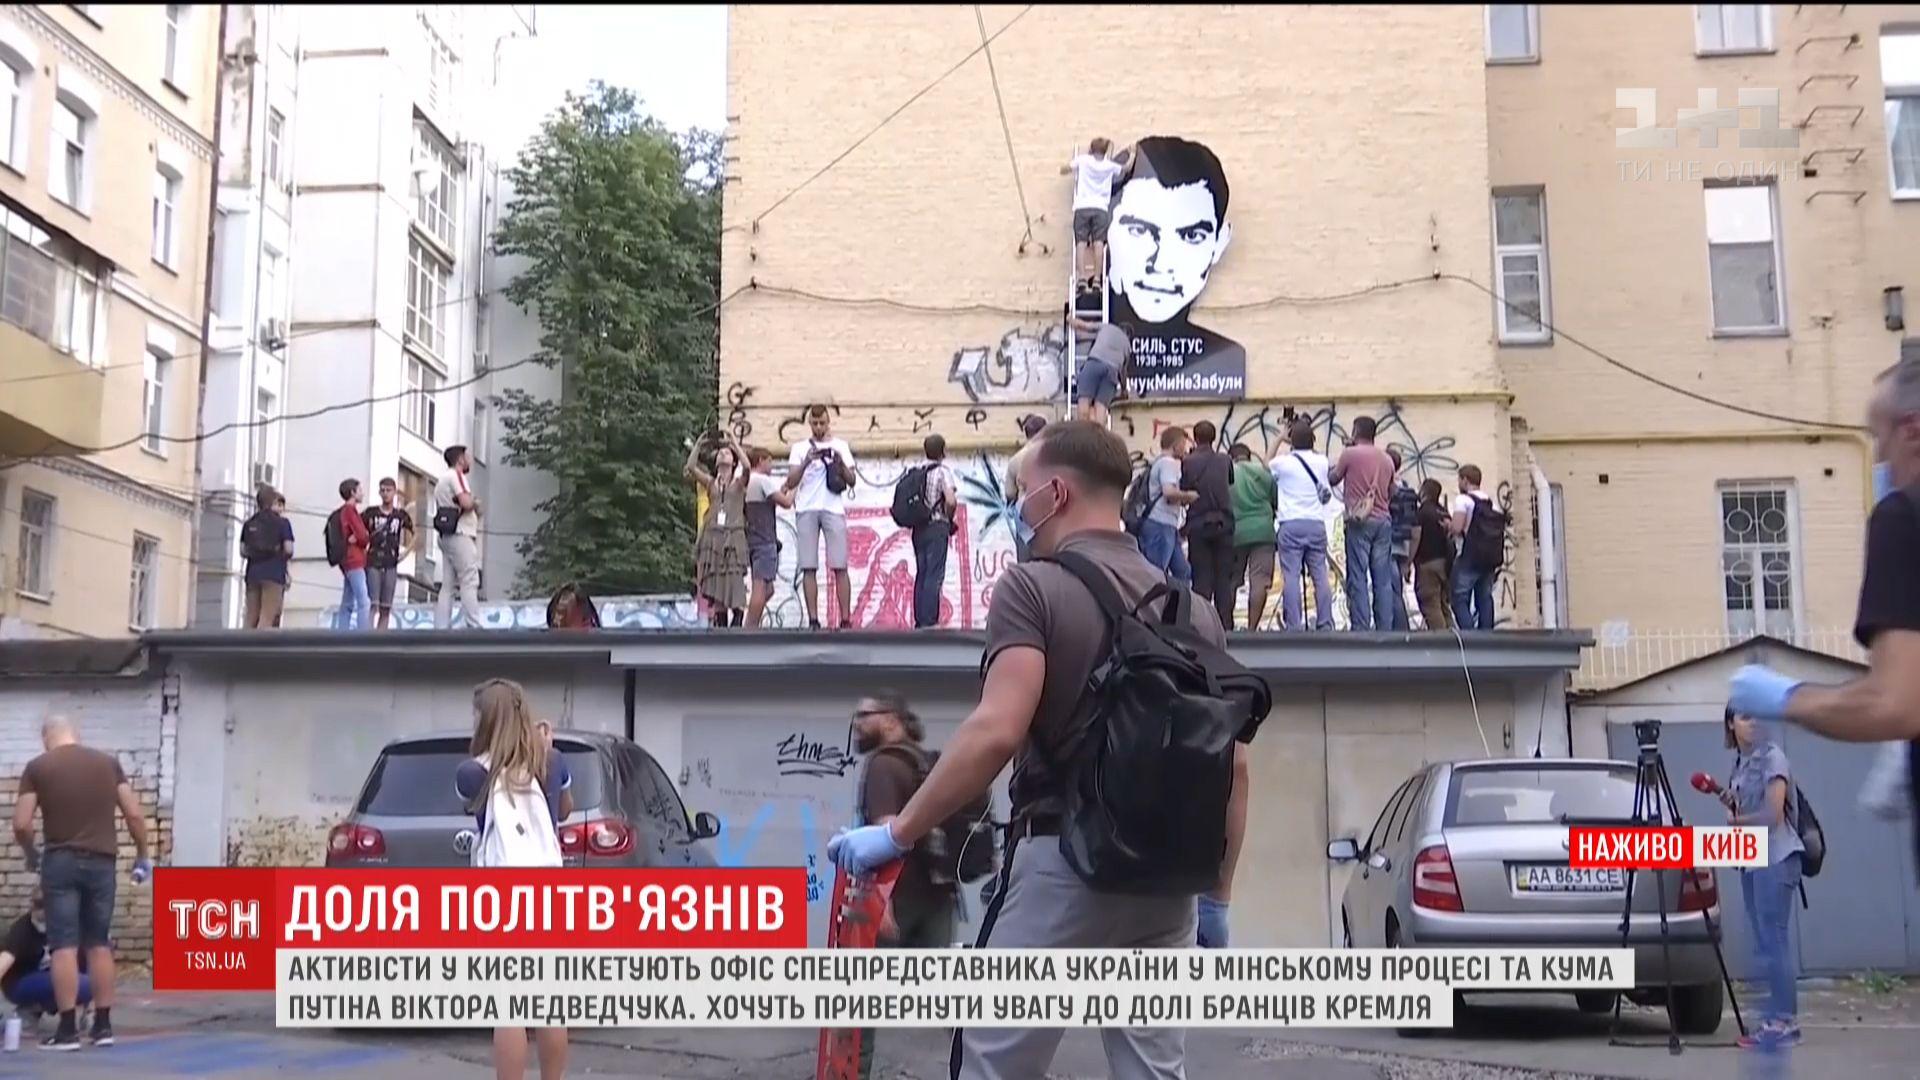 Активісти прийшли до офісу Медведчука / Кадр з відео ТСН